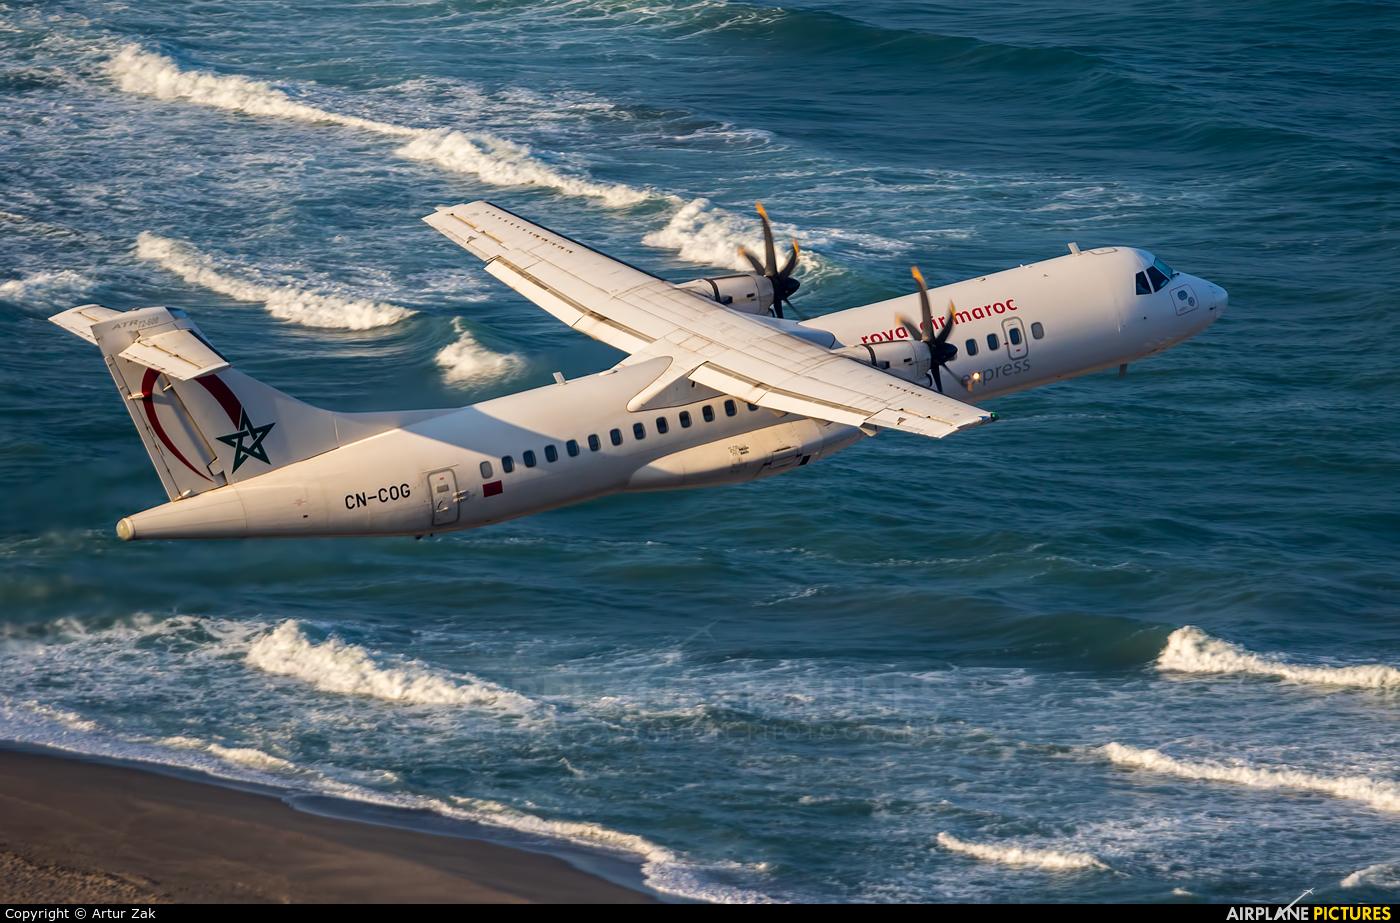 Royal Air Maroc CN-COG aircraft at Gibraltar